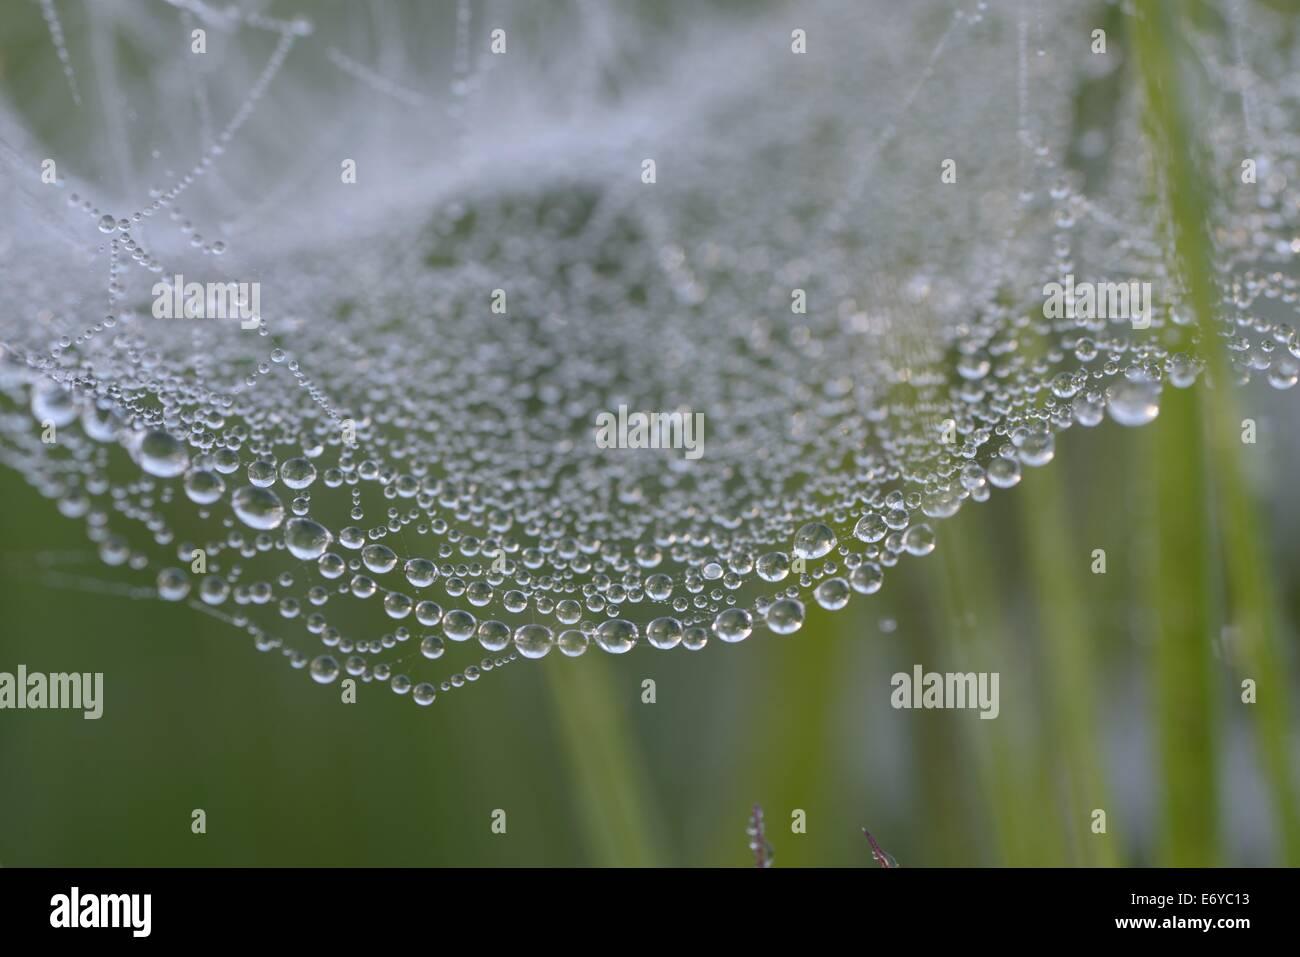 Web Spiders cubierto de rocío. Reserva Natural Nacional Dunsdon Devon Wildlife Trust sitio Engalnd North Devon. Imagen De Stock